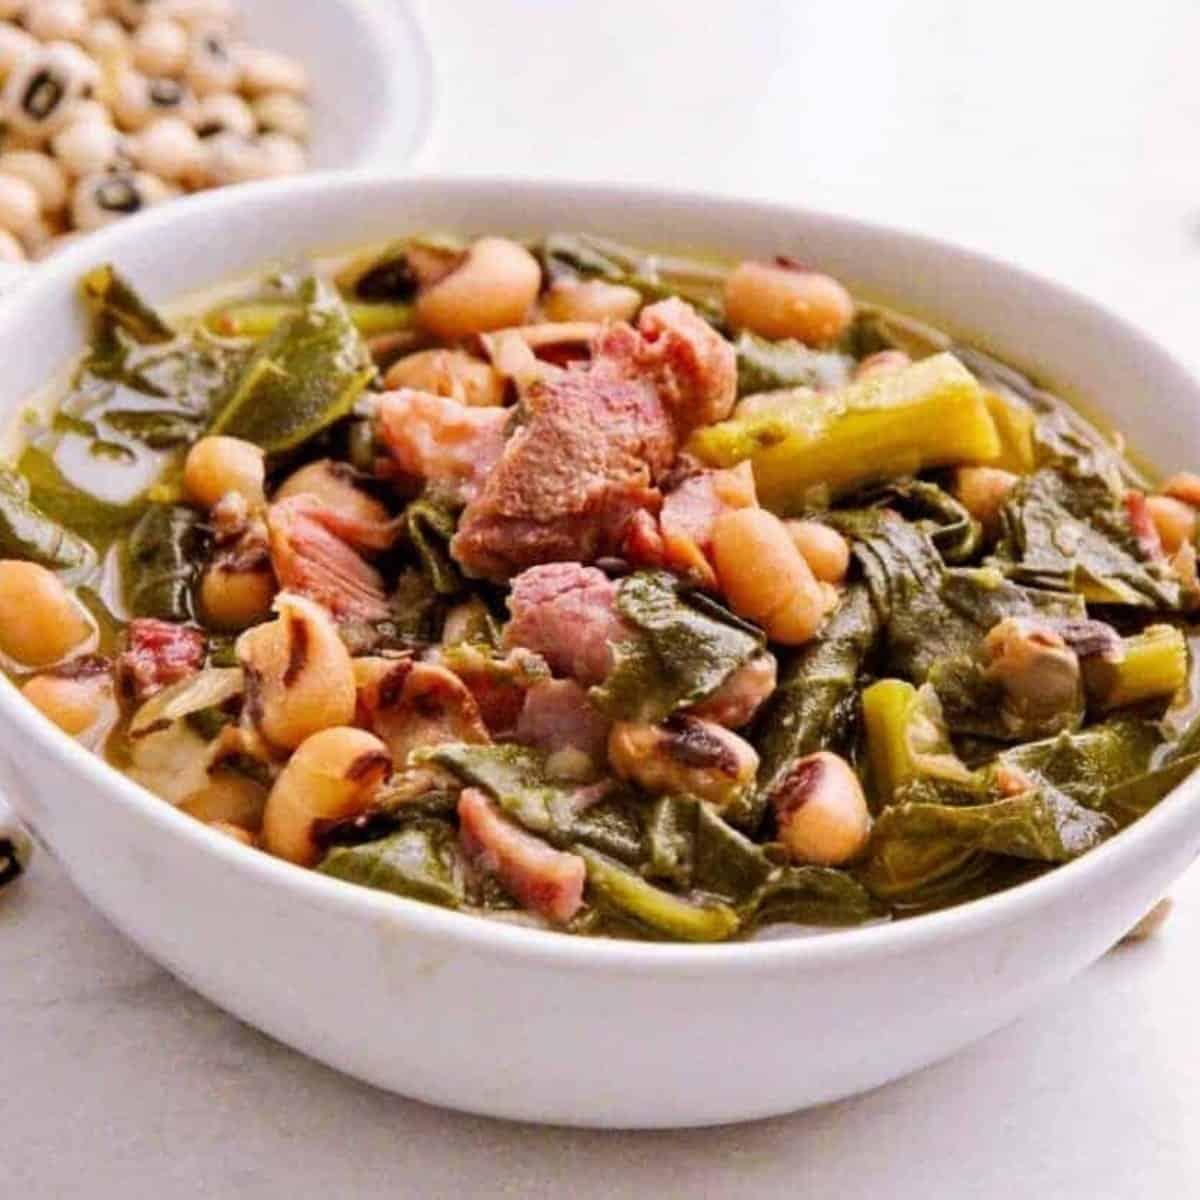 Black Eyed Peas Recipe With Smoked Turkey